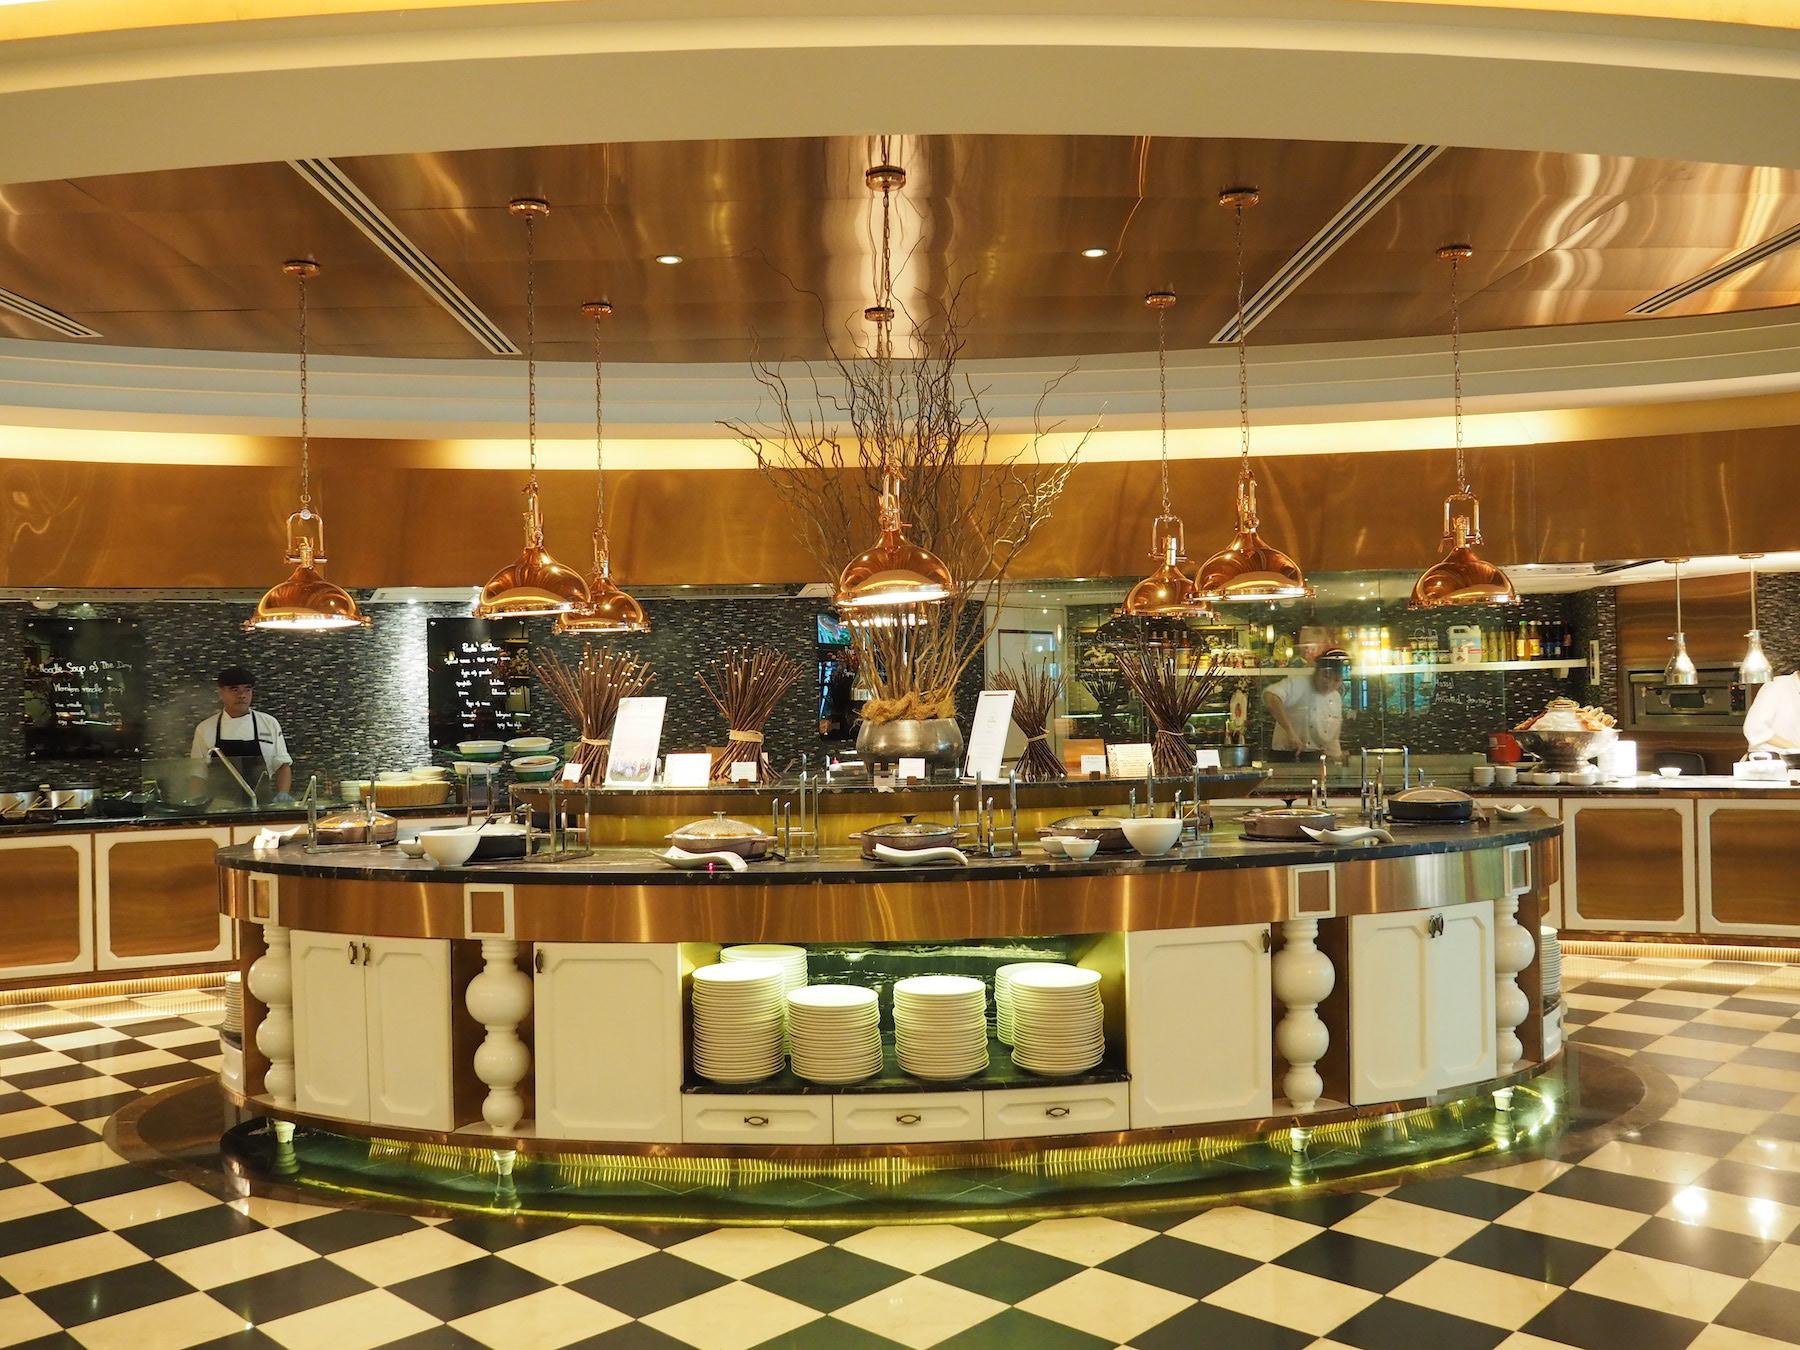 ラグジュアリーな5つ星ホテルのゴージャスなオールデイダイニング「レインツリーカフェ」